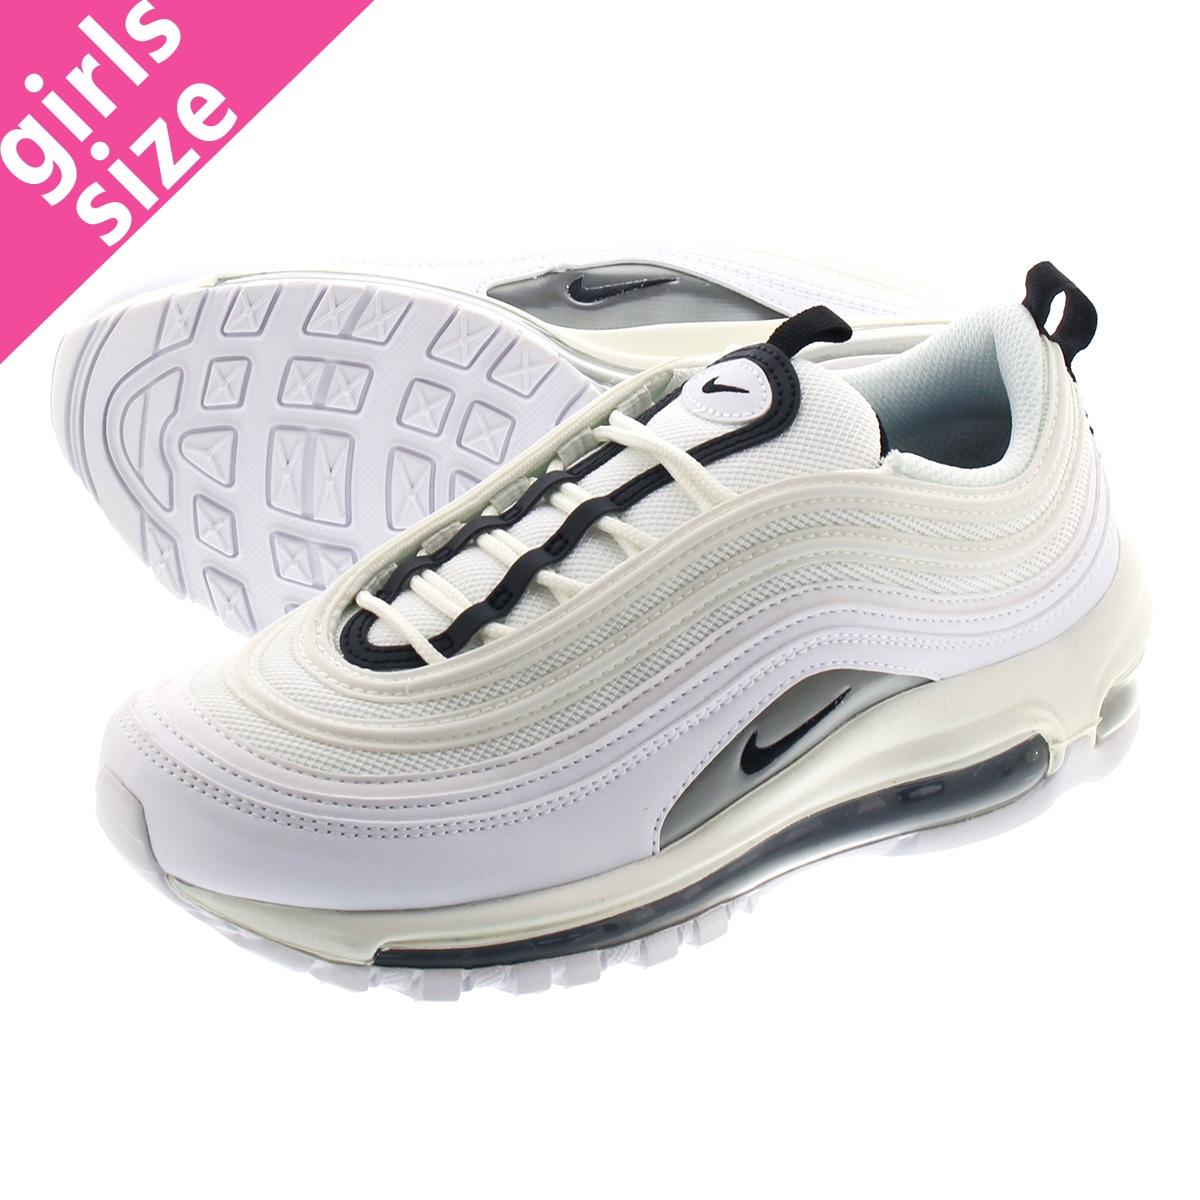 2dcbefa2b5 NIKE WMNS AIR MAX 97 Nike women Air Max 97 WHITE/BLACK/SUMMIT WHITE ...